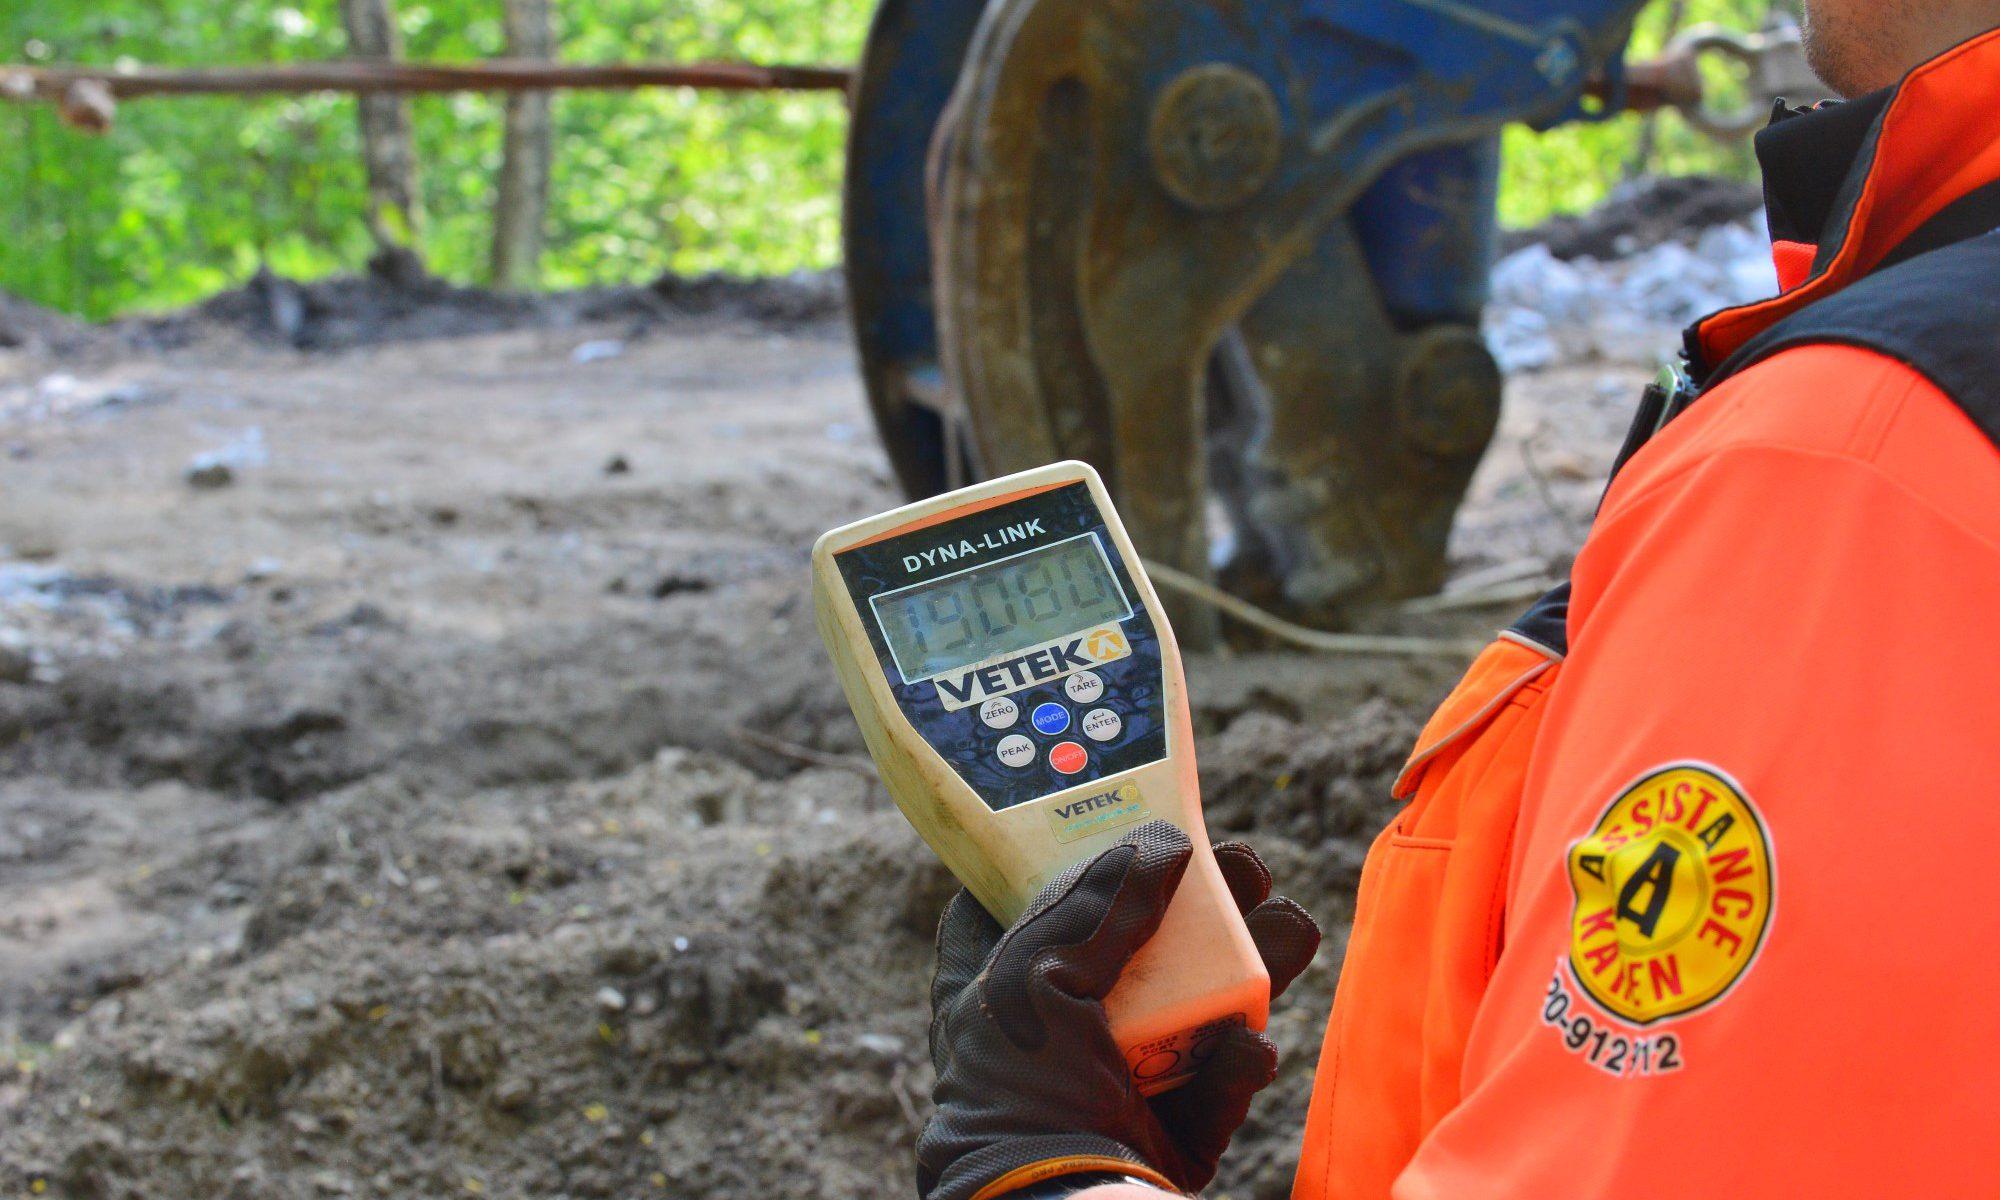 Assistancekåren Västra Mälardalen dynamometer vid tungbärgning